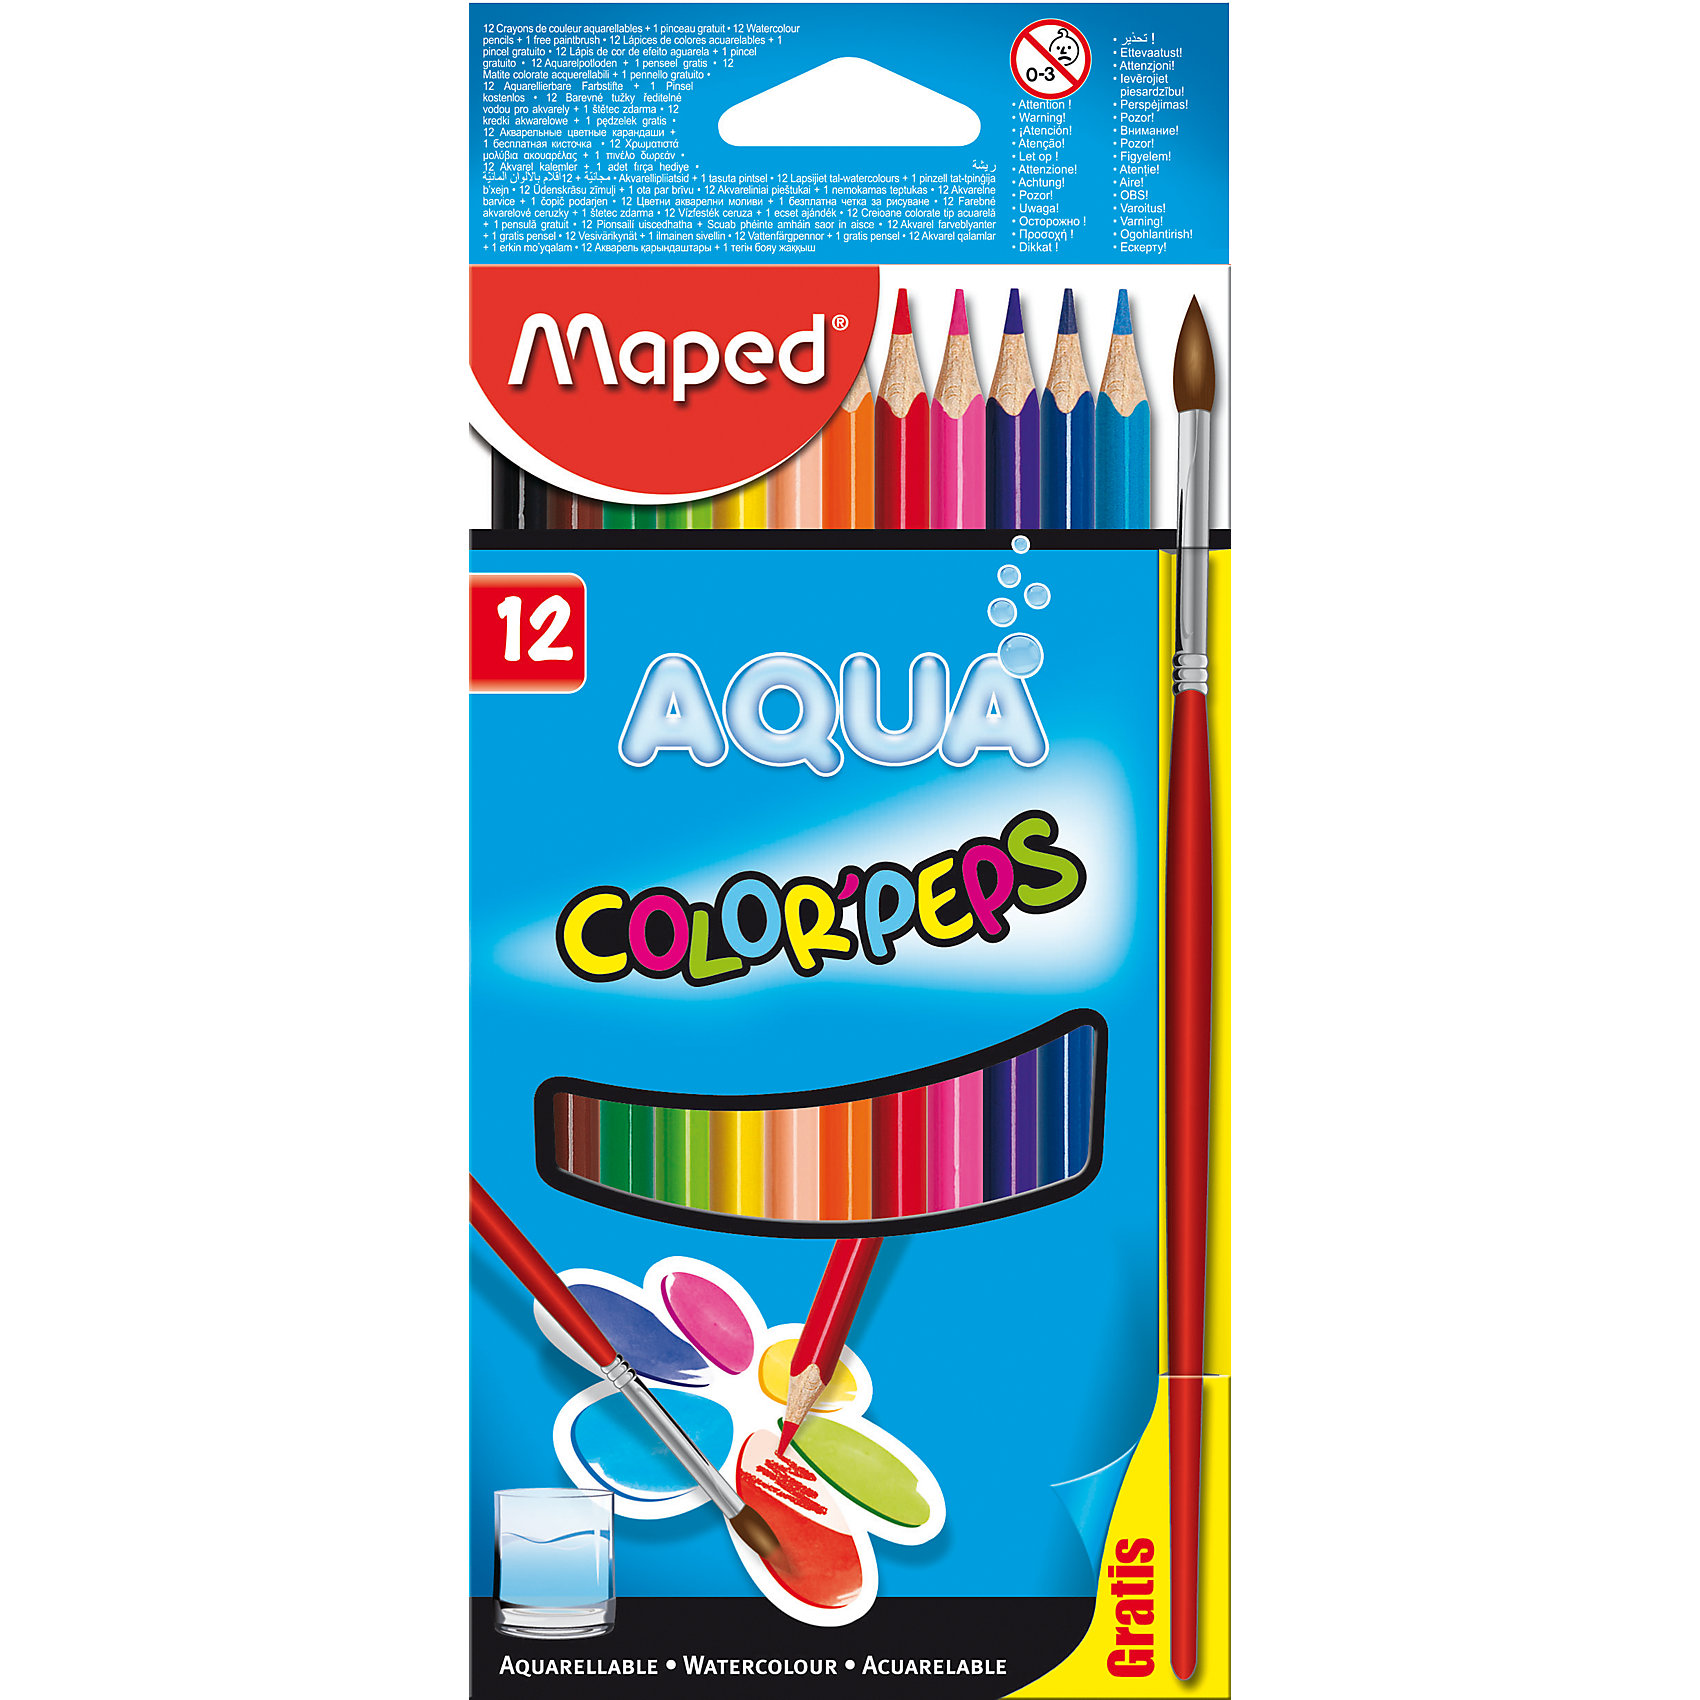 Карандаши акварель COLOR PEPS AQUA, 12 цветов, MAPEDПисьменные принадлежности<br>Карандаши акварель COLOR PEPS AQUA, 12 цветов, MAPED (МАПЕД).<br><br>Характеристики:<br><br>• Для детей в возрасте: от 3 лет<br>• В наборе: 12 акварельных карандашей, кисть для рисования<br>• Количество цветов: 12<br>• Длина карандаша: 17,5 см.<br>• Диаметр карандаша: 7 мм.<br>• Диаметр грифеля: 2,9 мм.<br>• Изготовлены из древесины американской липы<br>• Упаковка: картонный блистер<br>• Размер упаковки: 203х95х8 мм.<br>• Вес: 74 гр.<br><br>Набор акварельных карандашей Aqua Color Peps идеален для рисования и раскрашивания. В наборе 12 акварельных карандашей, ярких насыщенных цветов и кисточка. Карандашами можно рисовать как обычными цветными, а для создания эффекта акварели, необходимо провести мокрой кисточкой по рисунку. Карандаши имеют мягкий, ударопрочный грифель. Эргономичная треугольная форма позволяет легко и удобно держать карандаш в руке даже самым маленьким. Карандаши не трескаются и легко затачиваются. Корпус карандашей изготовлен из древесины американской липы.<br><br>Карандаши акварель COLOR PEPS AQUA, 12 цветов, MAPED (МАПЕД) можно купить в нашем интернет-магазине.<br><br>Ширина мм: 206<br>Глубина мм: 93<br>Высота мм: 70<br>Вес г: 87<br>Возраст от месяцев: 36<br>Возраст до месяцев: 2147483647<br>Пол: Унисекс<br>Возраст: Детский<br>SKU: 5530025